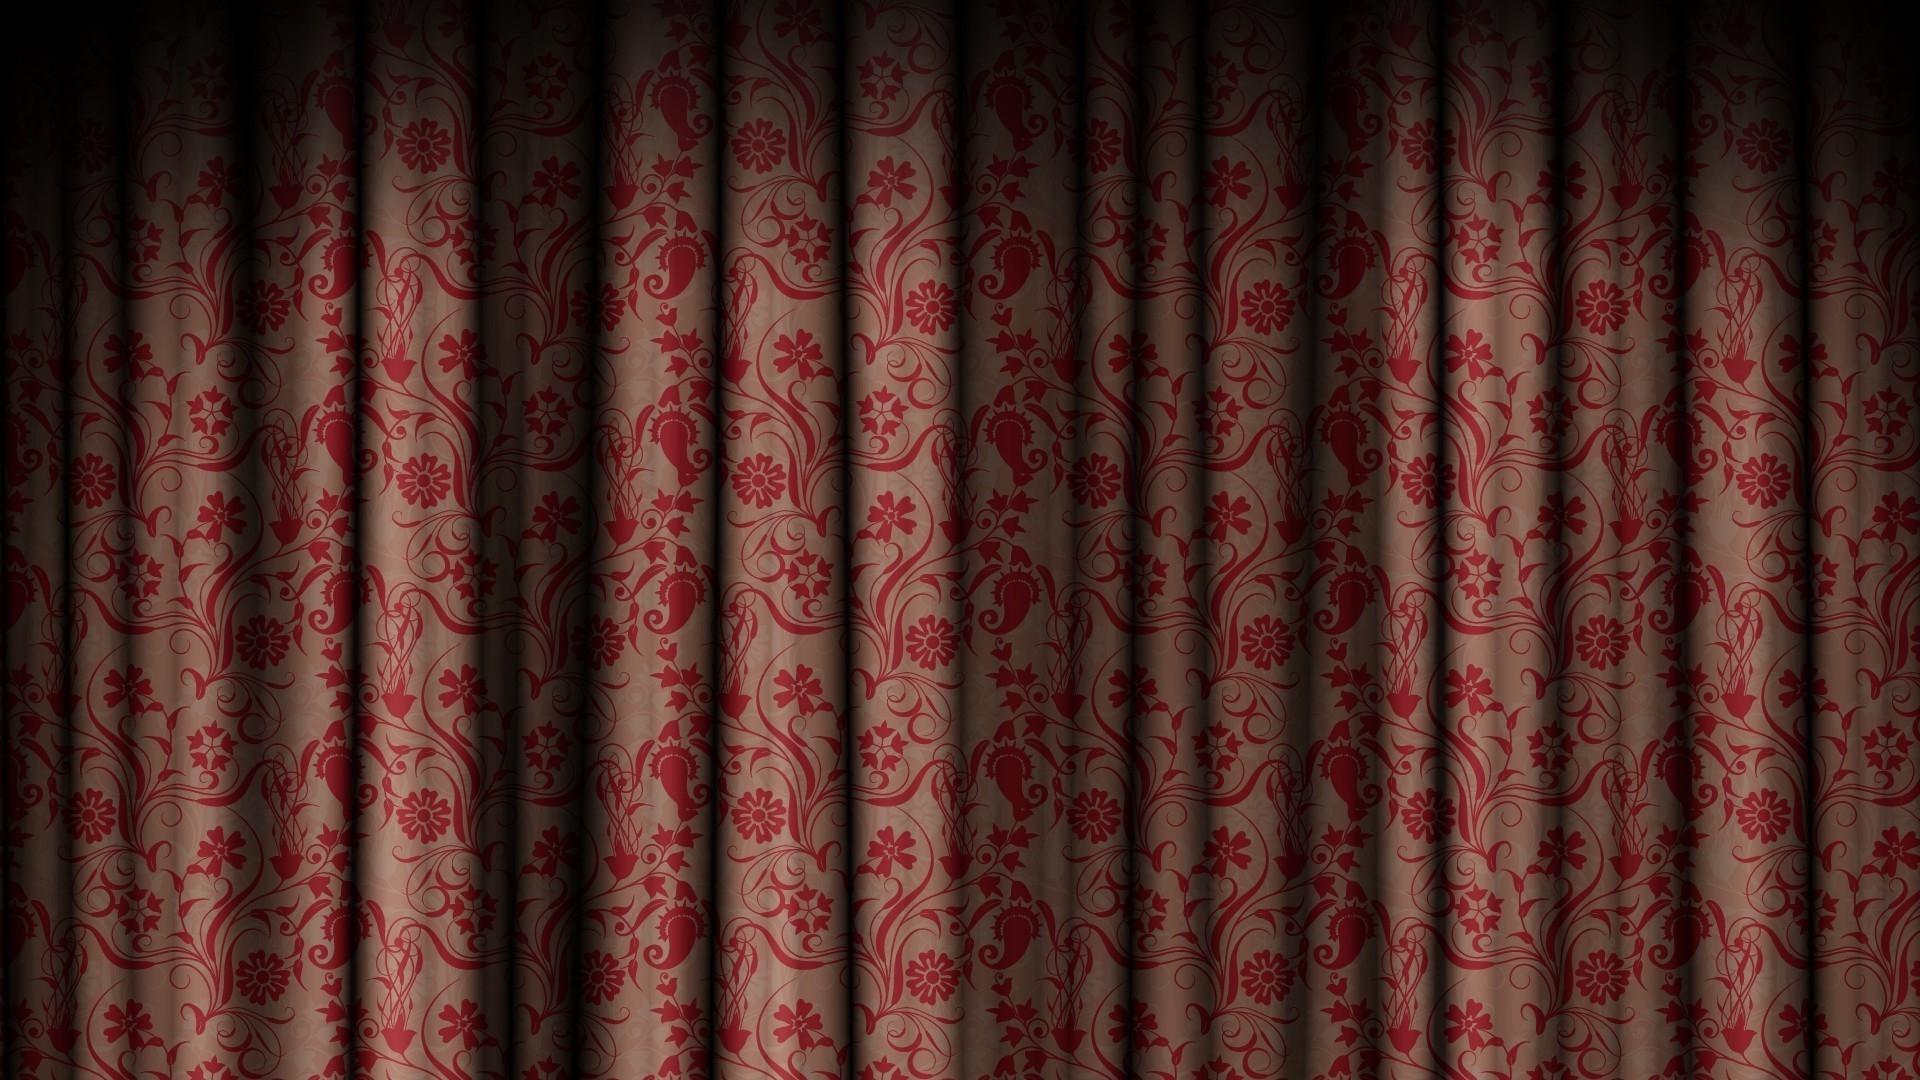 Hintergrundbilder : rot, Muster, Vorhang, Textur, Innenarchitektur ...